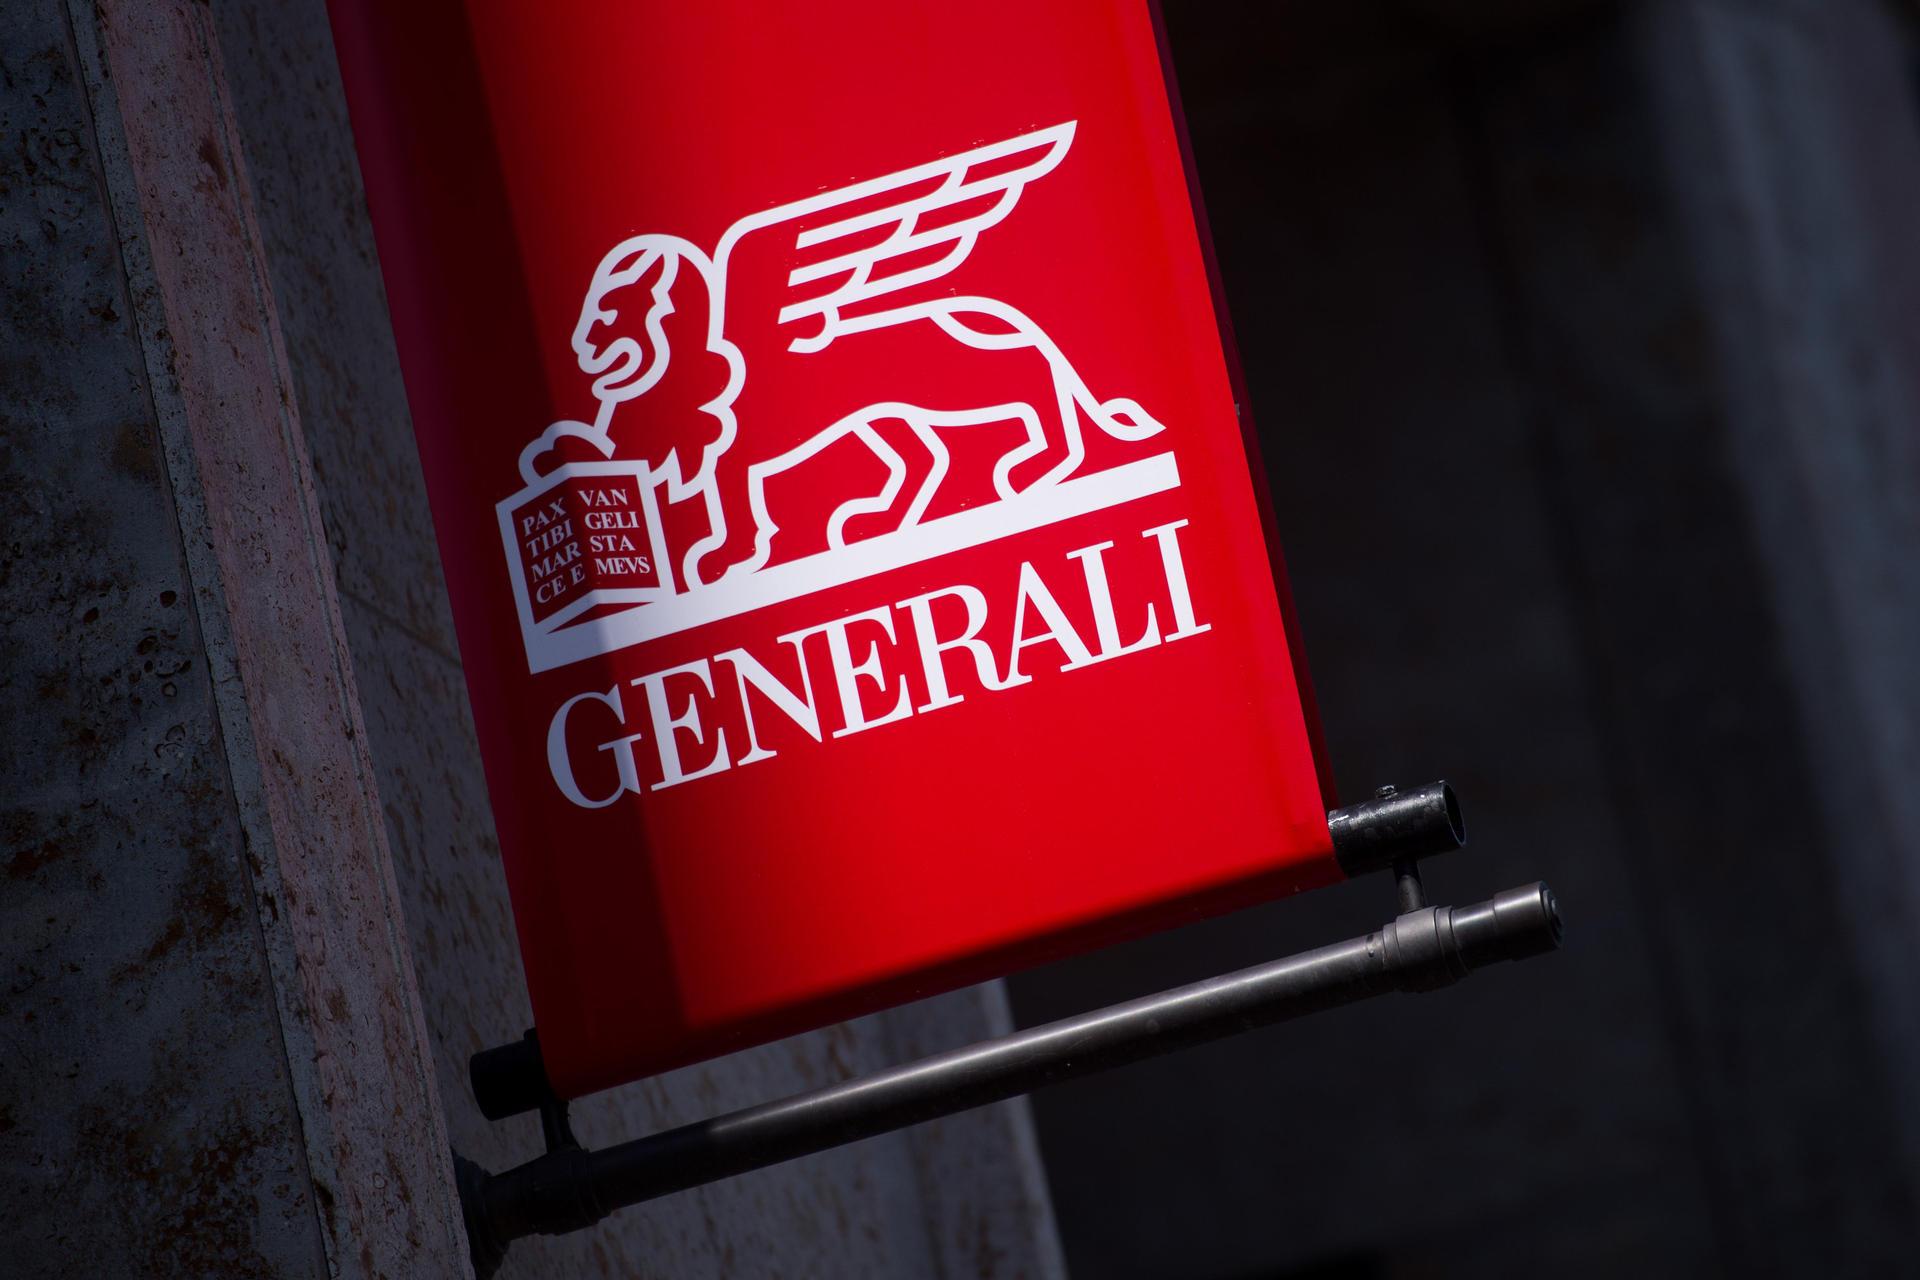 Fotos de Generali Versicherung Berlin-Mitte